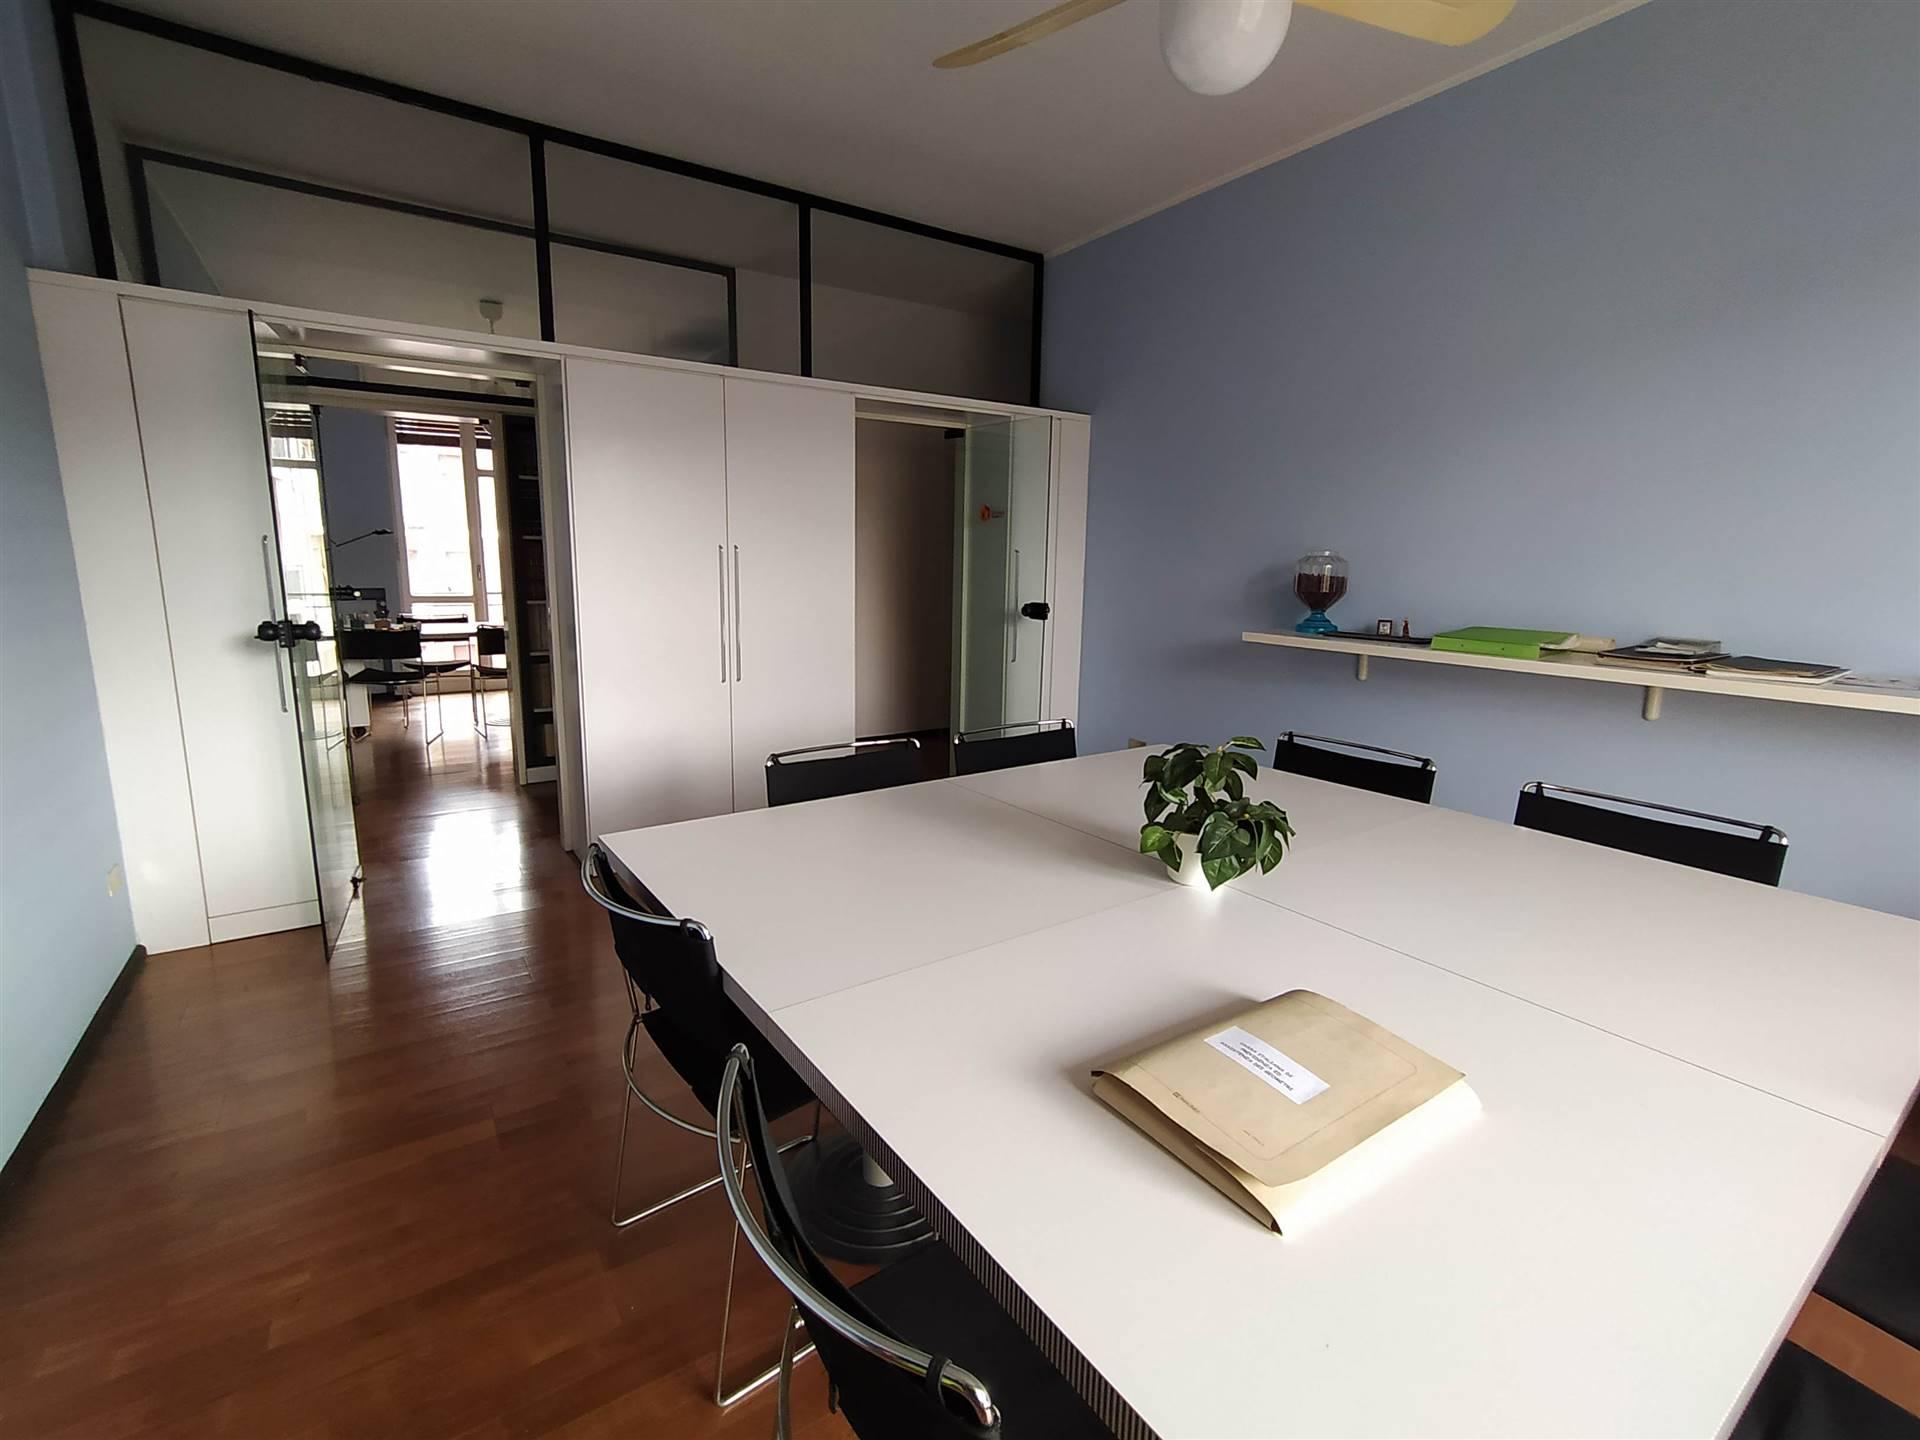 Ufficio / Studio in vendita a Arona, 4 locali, prezzo € 120.000 | CambioCasa.it